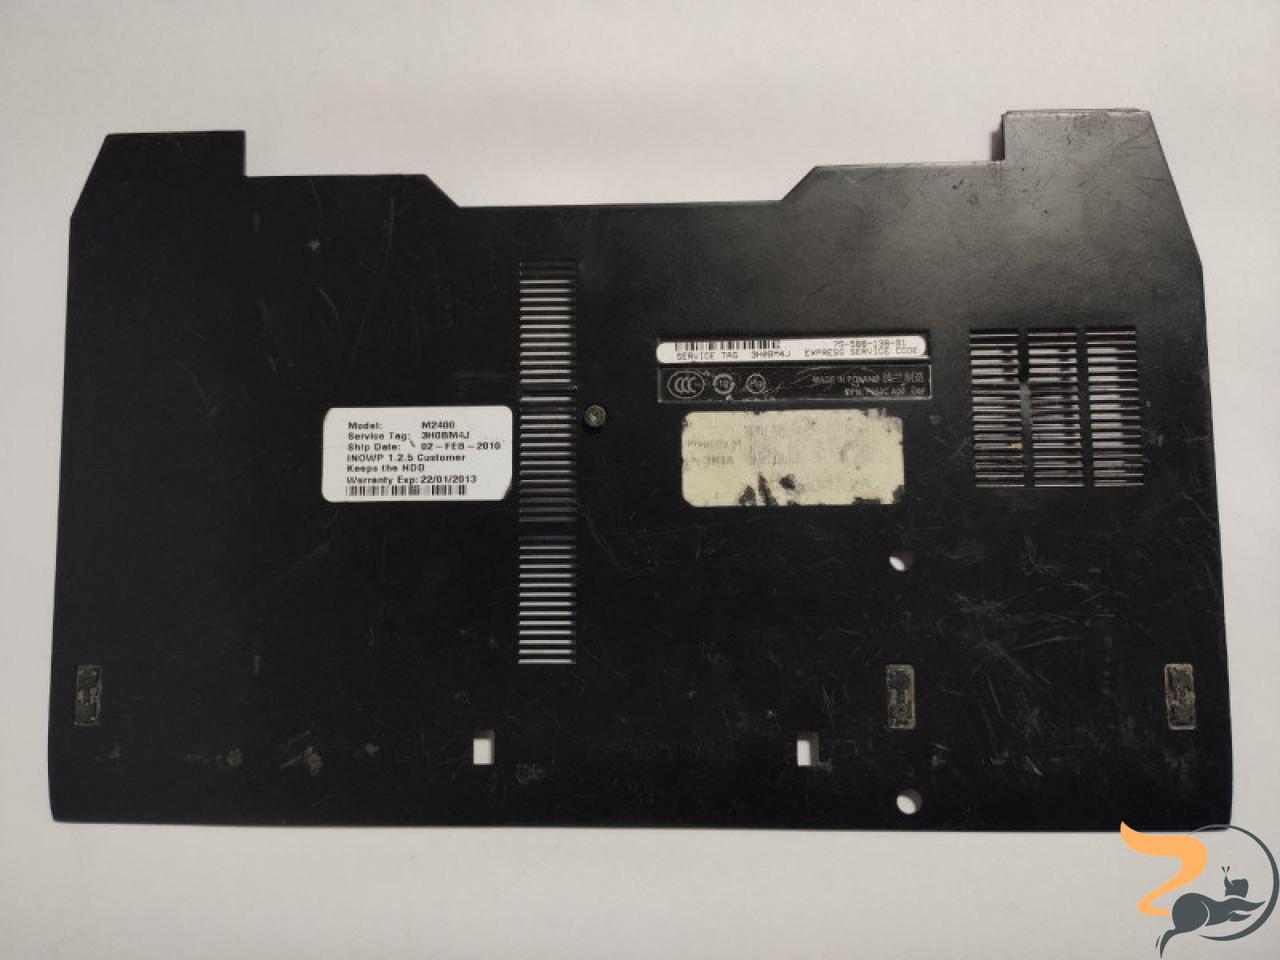 """Сервісна кришка для ноутбука Dell Latitude E6400, 14.0"""", AM03I000G00, CN-0P318H, б/в, має незначне пошкодження (фото)"""